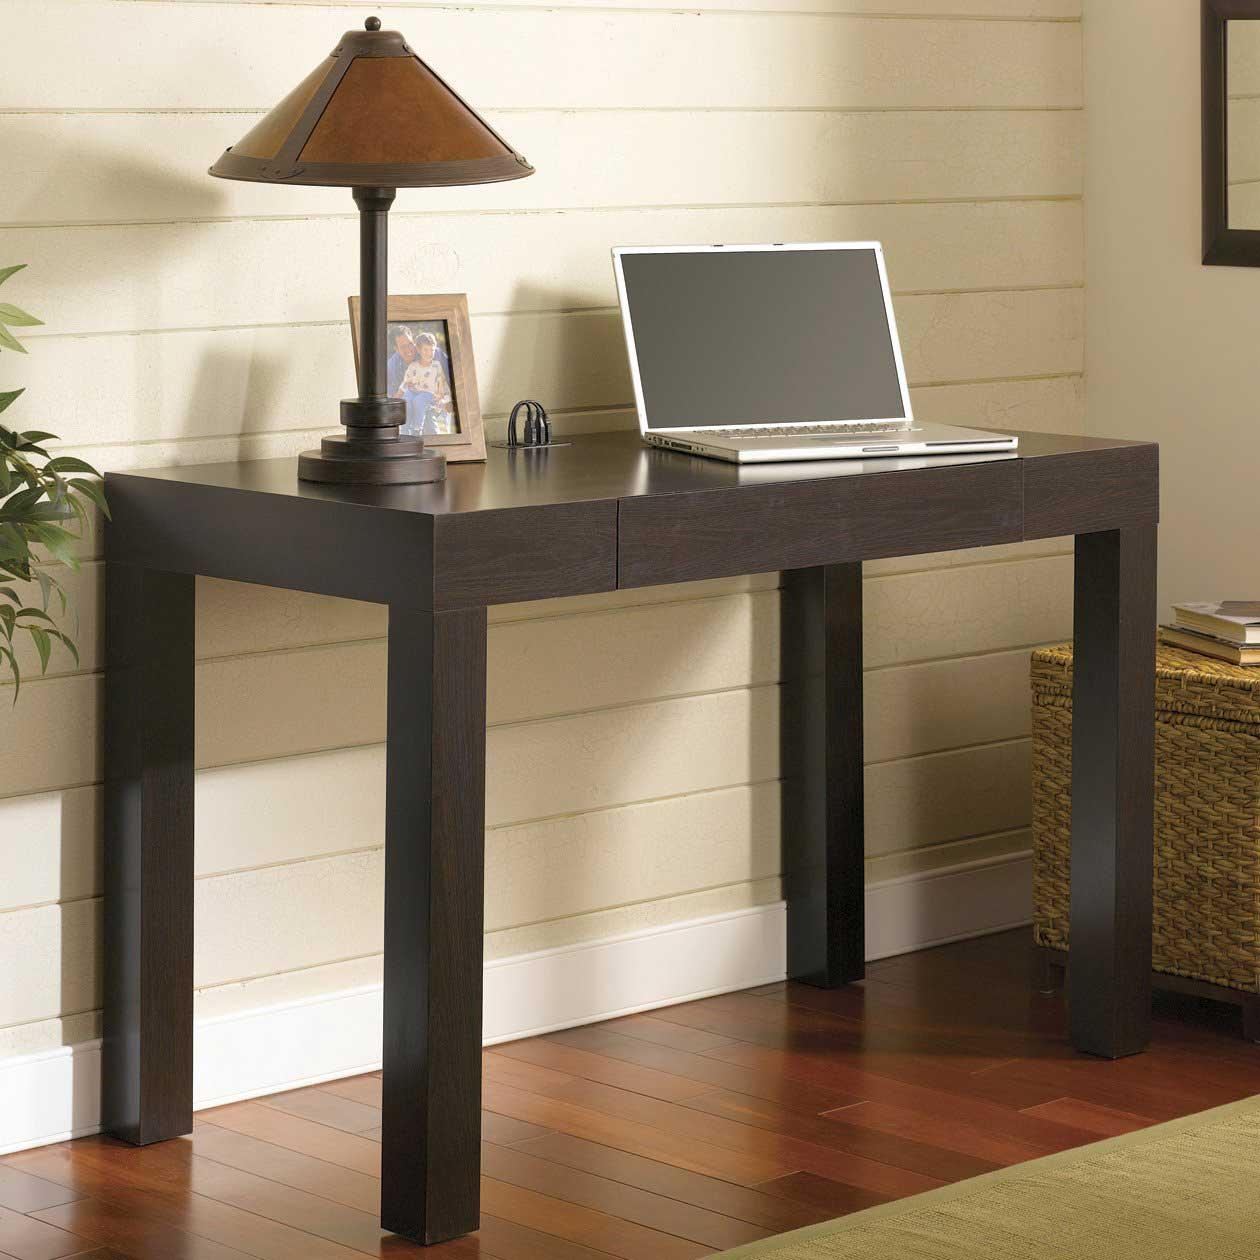 affordable computer desks  Office Furniture